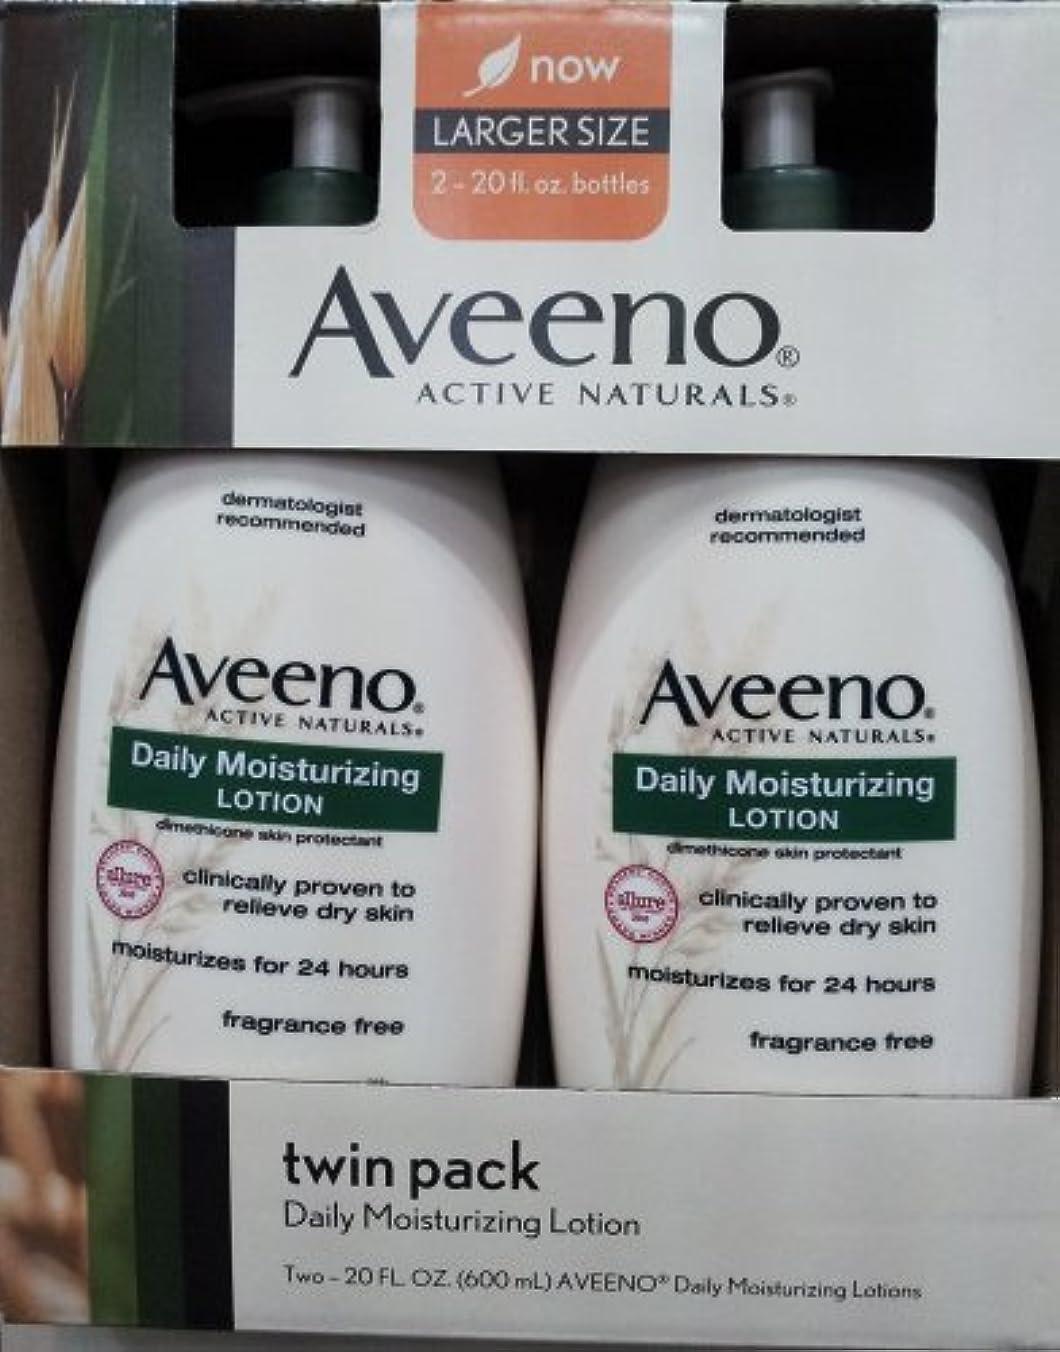 締める原因税金Aveeno Active Naturals Daily Moisturizing Lotion, NEW 2 pack of 20 FL oz Pump [並行輸入品]